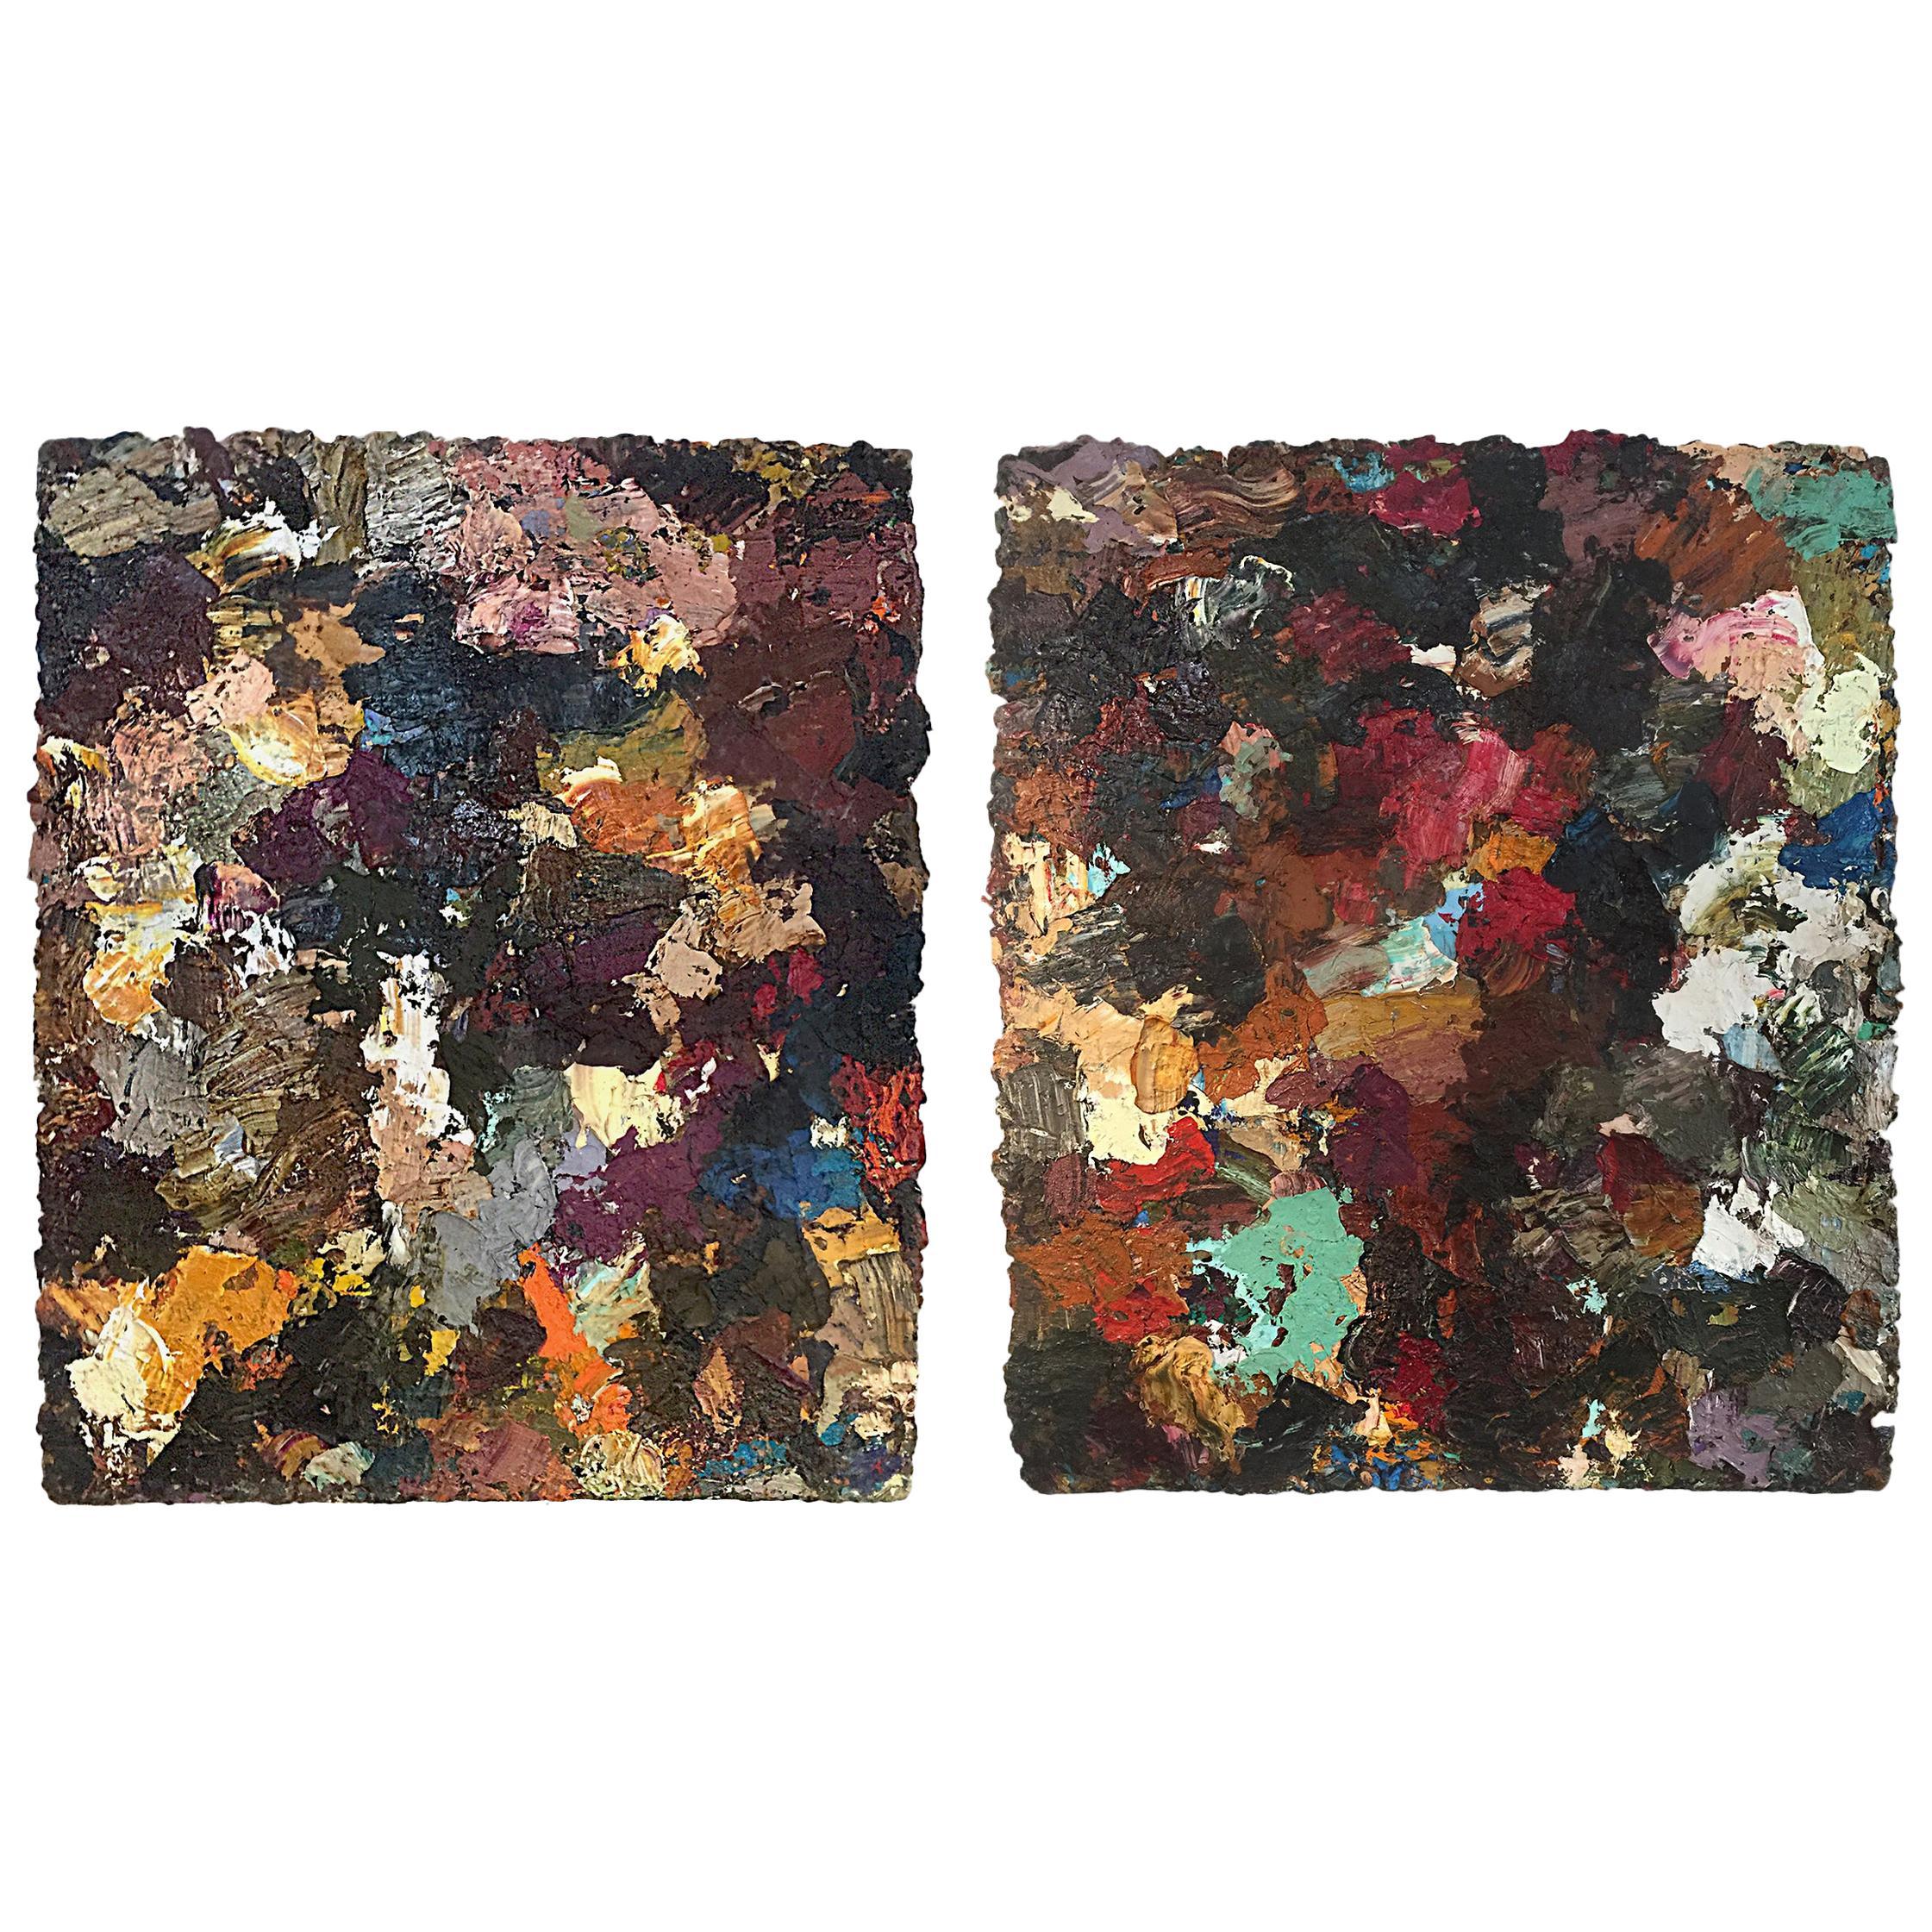 Pair of Lars Dan Paintings